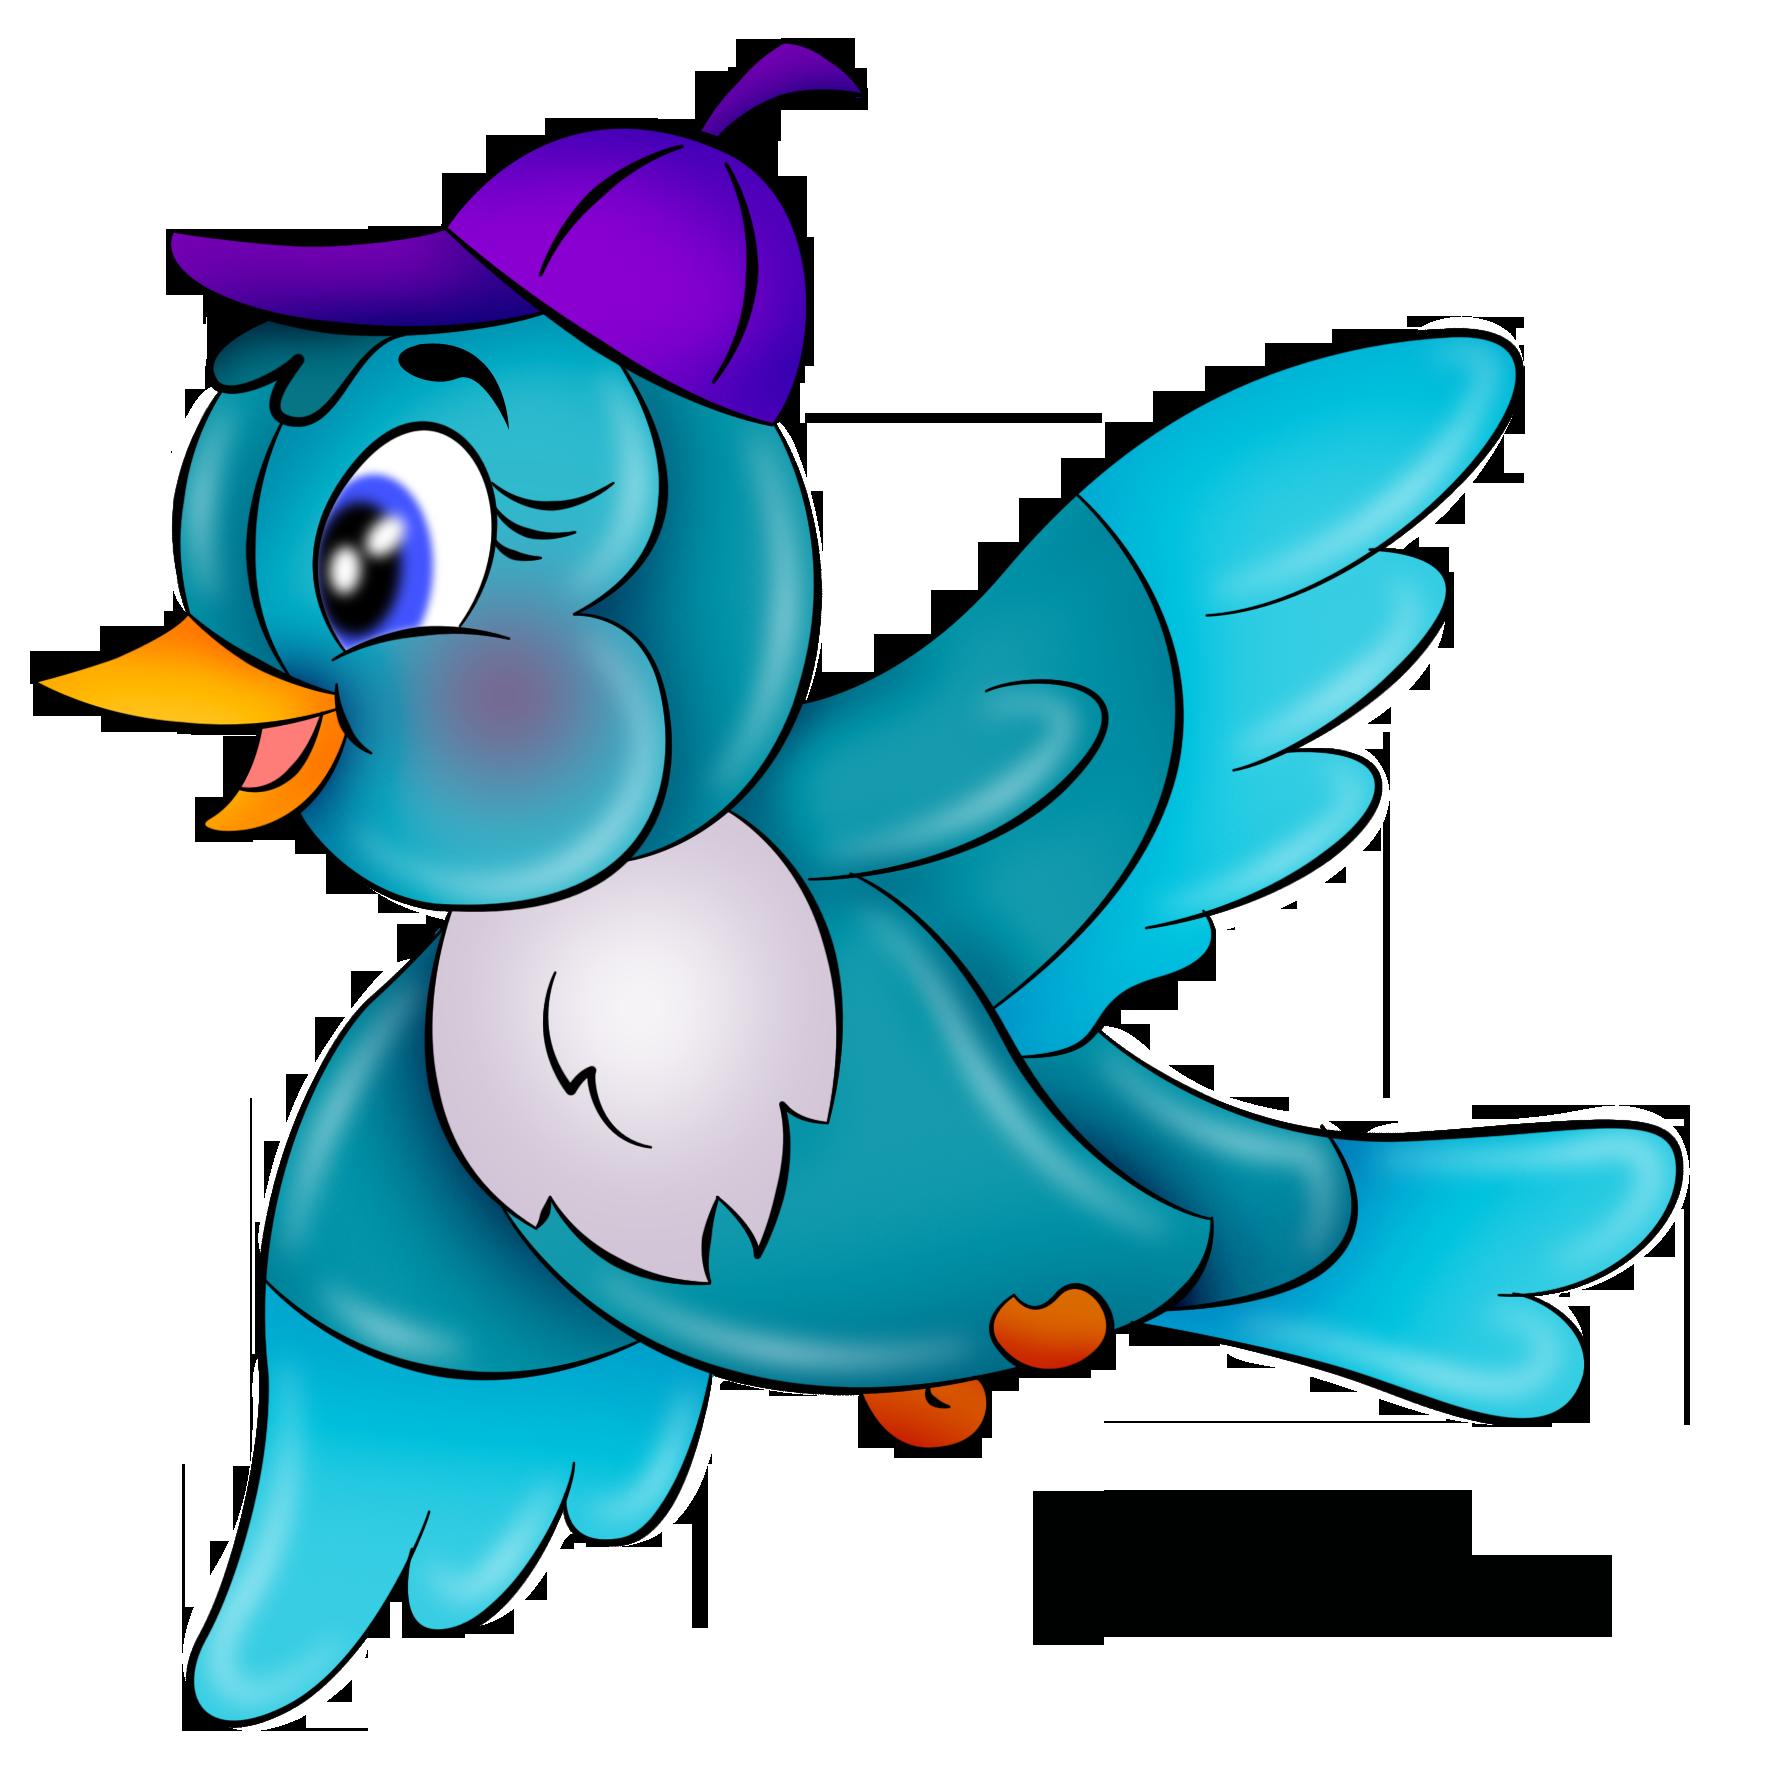 картинка птичка | Детские картинки, Мультяшные рисунки ...